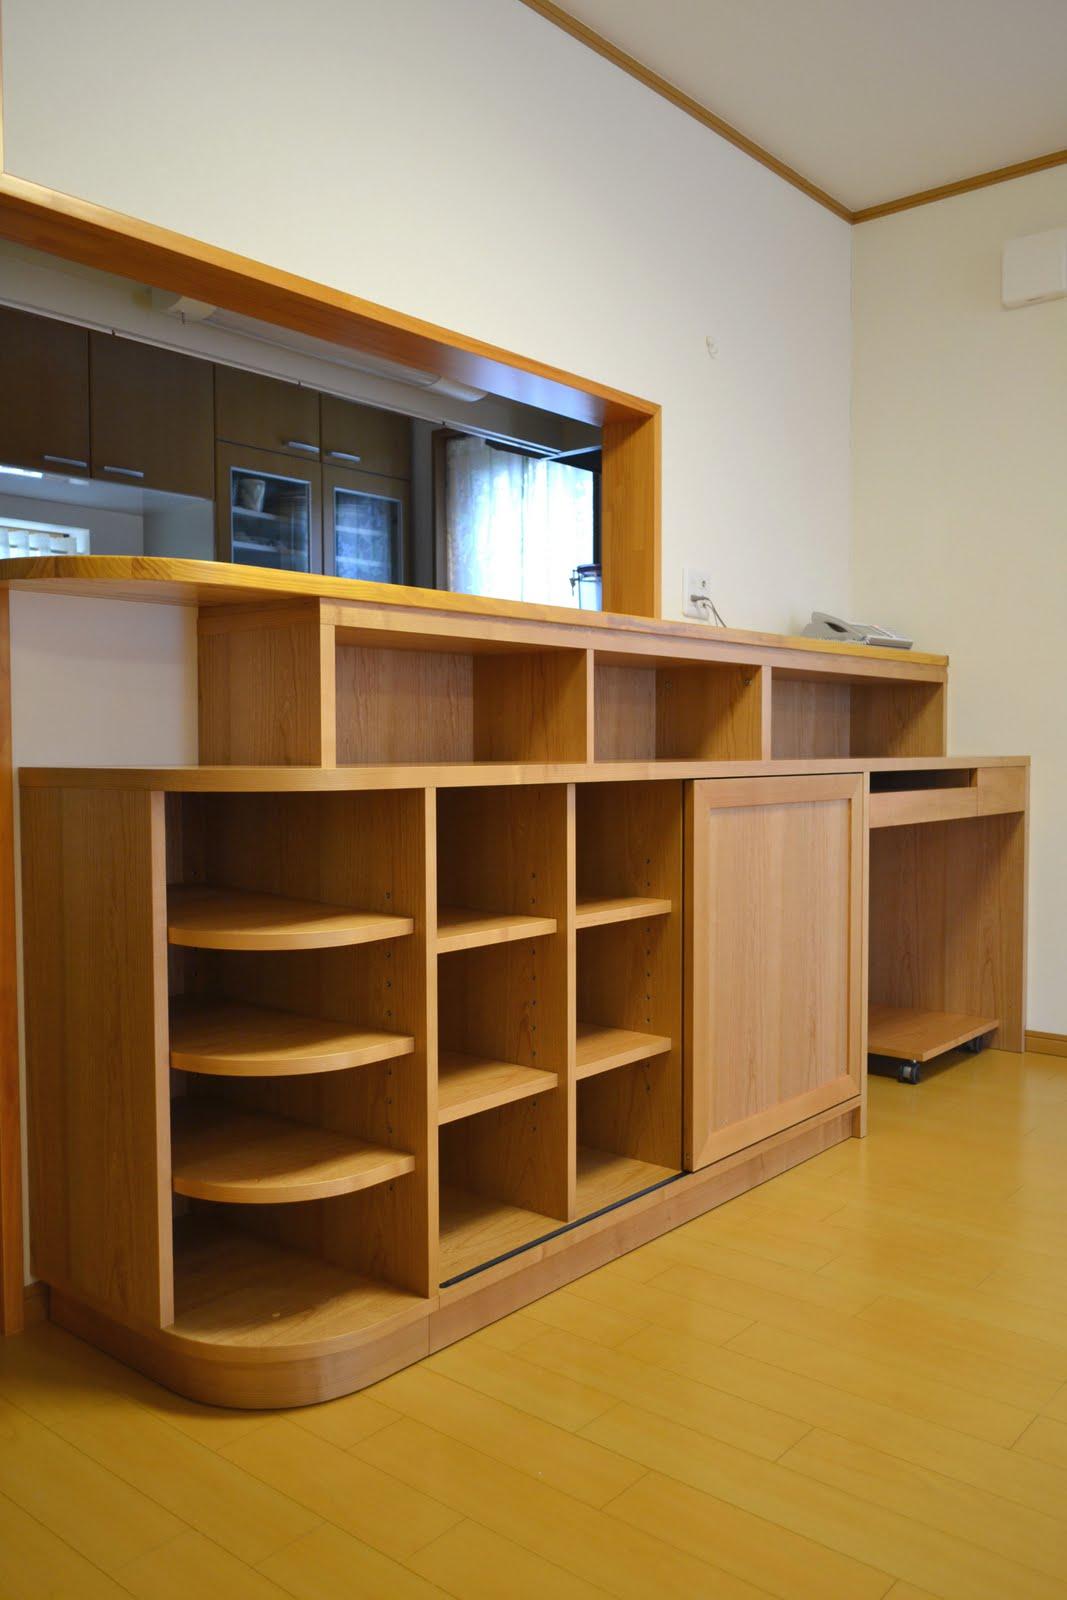 キッチン ikea キッチン 収納 ブログ : キッチンカウンター下の収納 ...